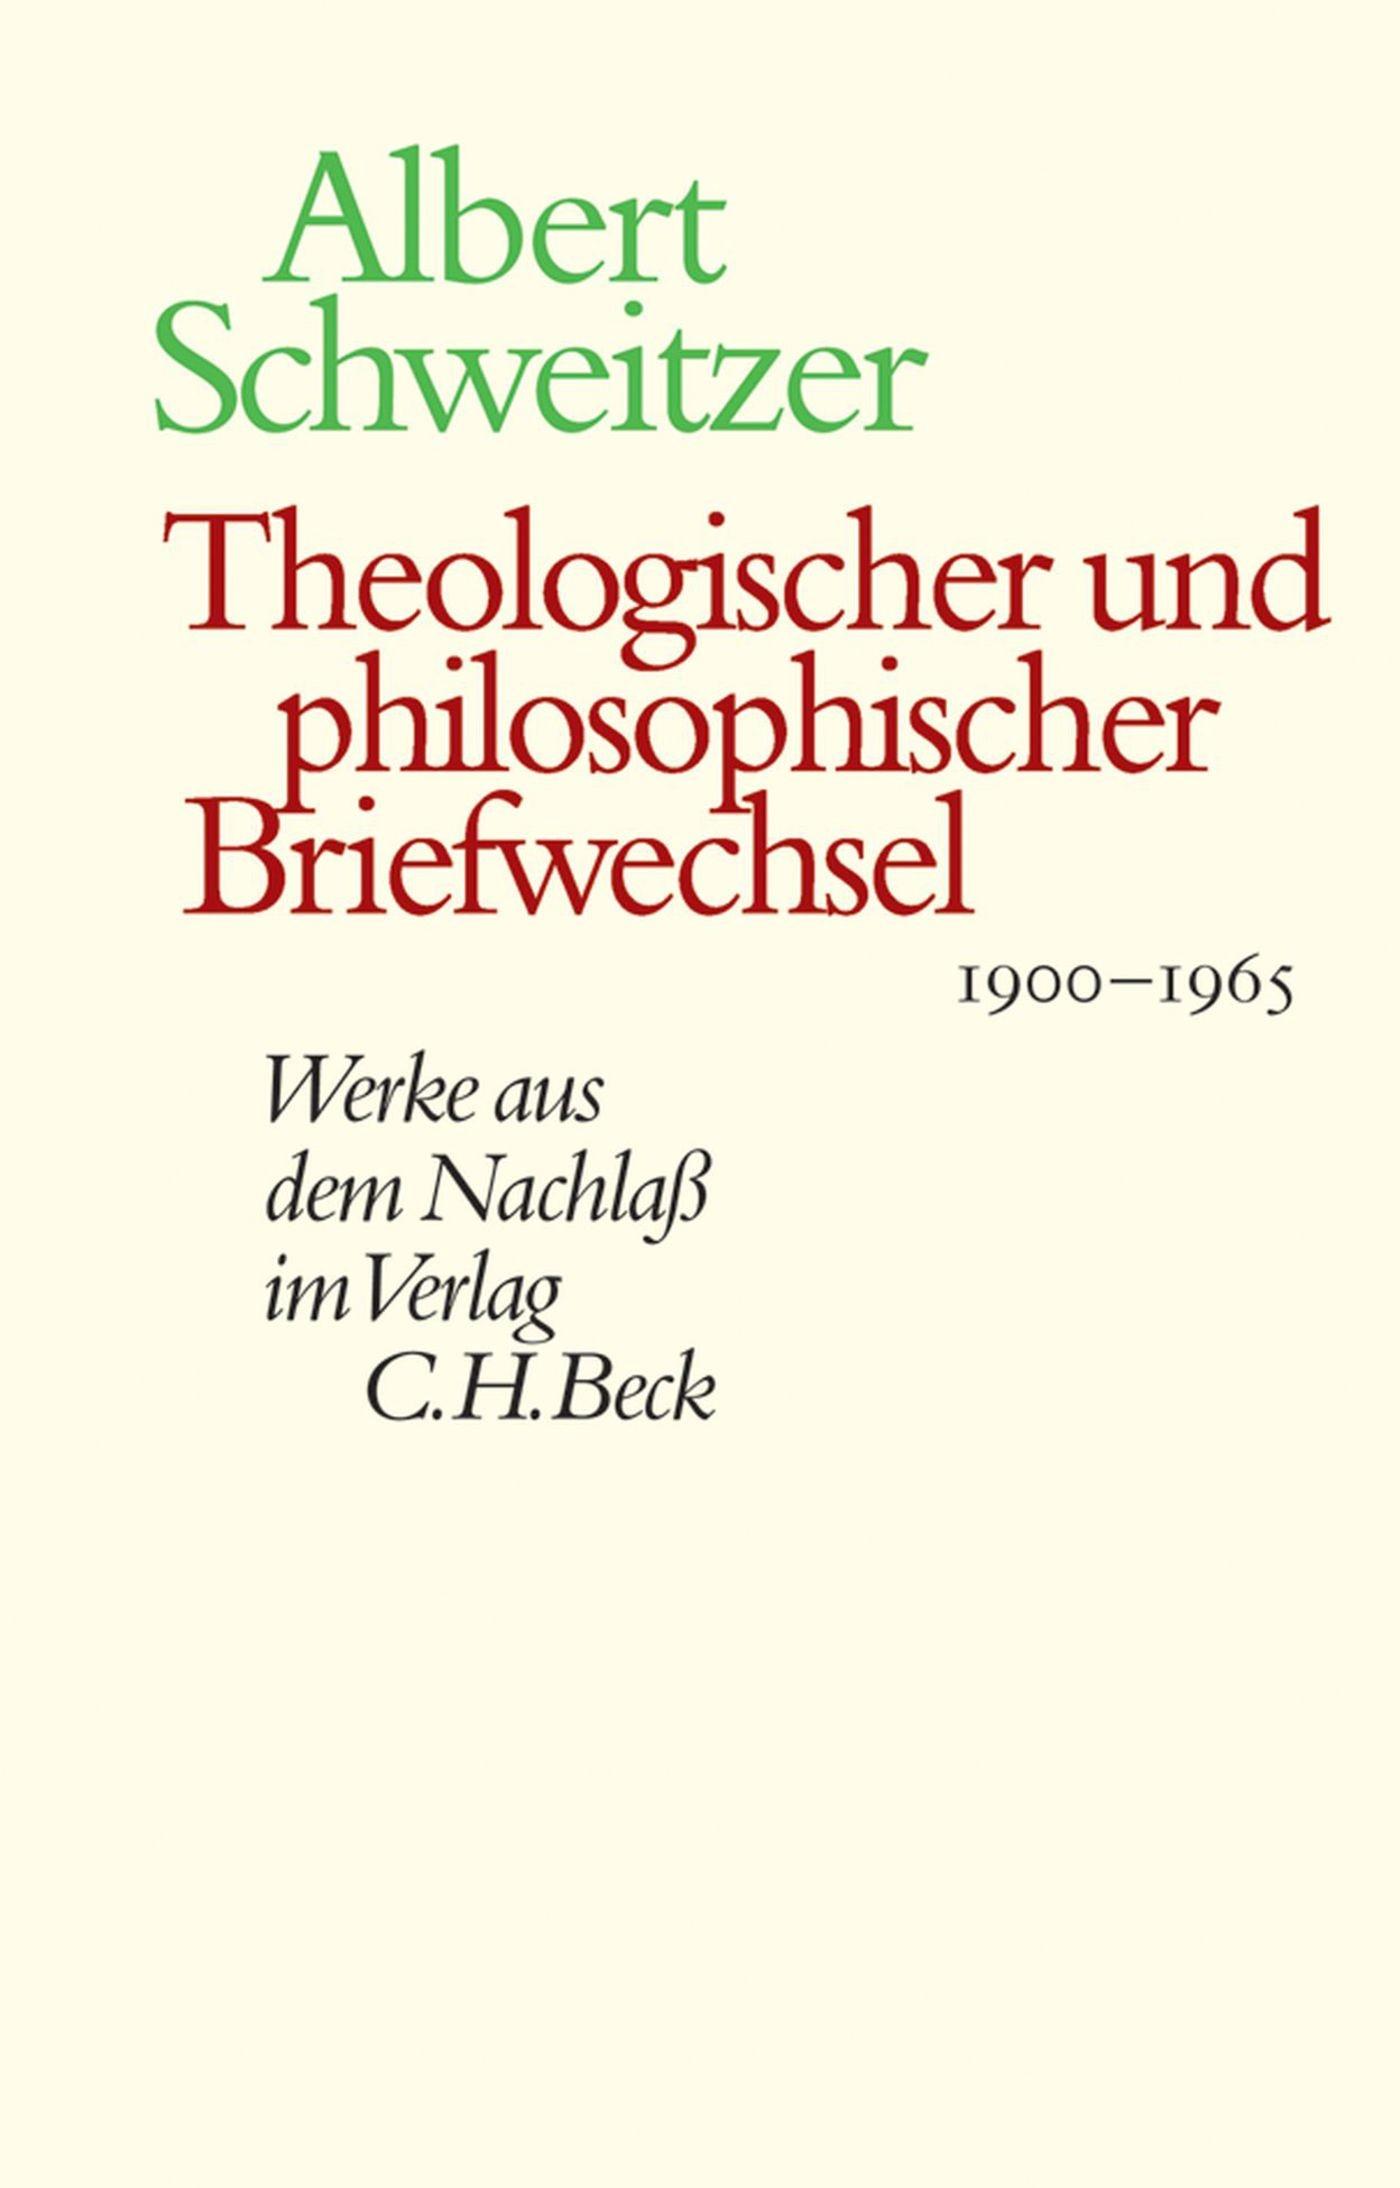 Cover des Buches 'Theologischer und philosophischer Briefwechsel 1900-1965'